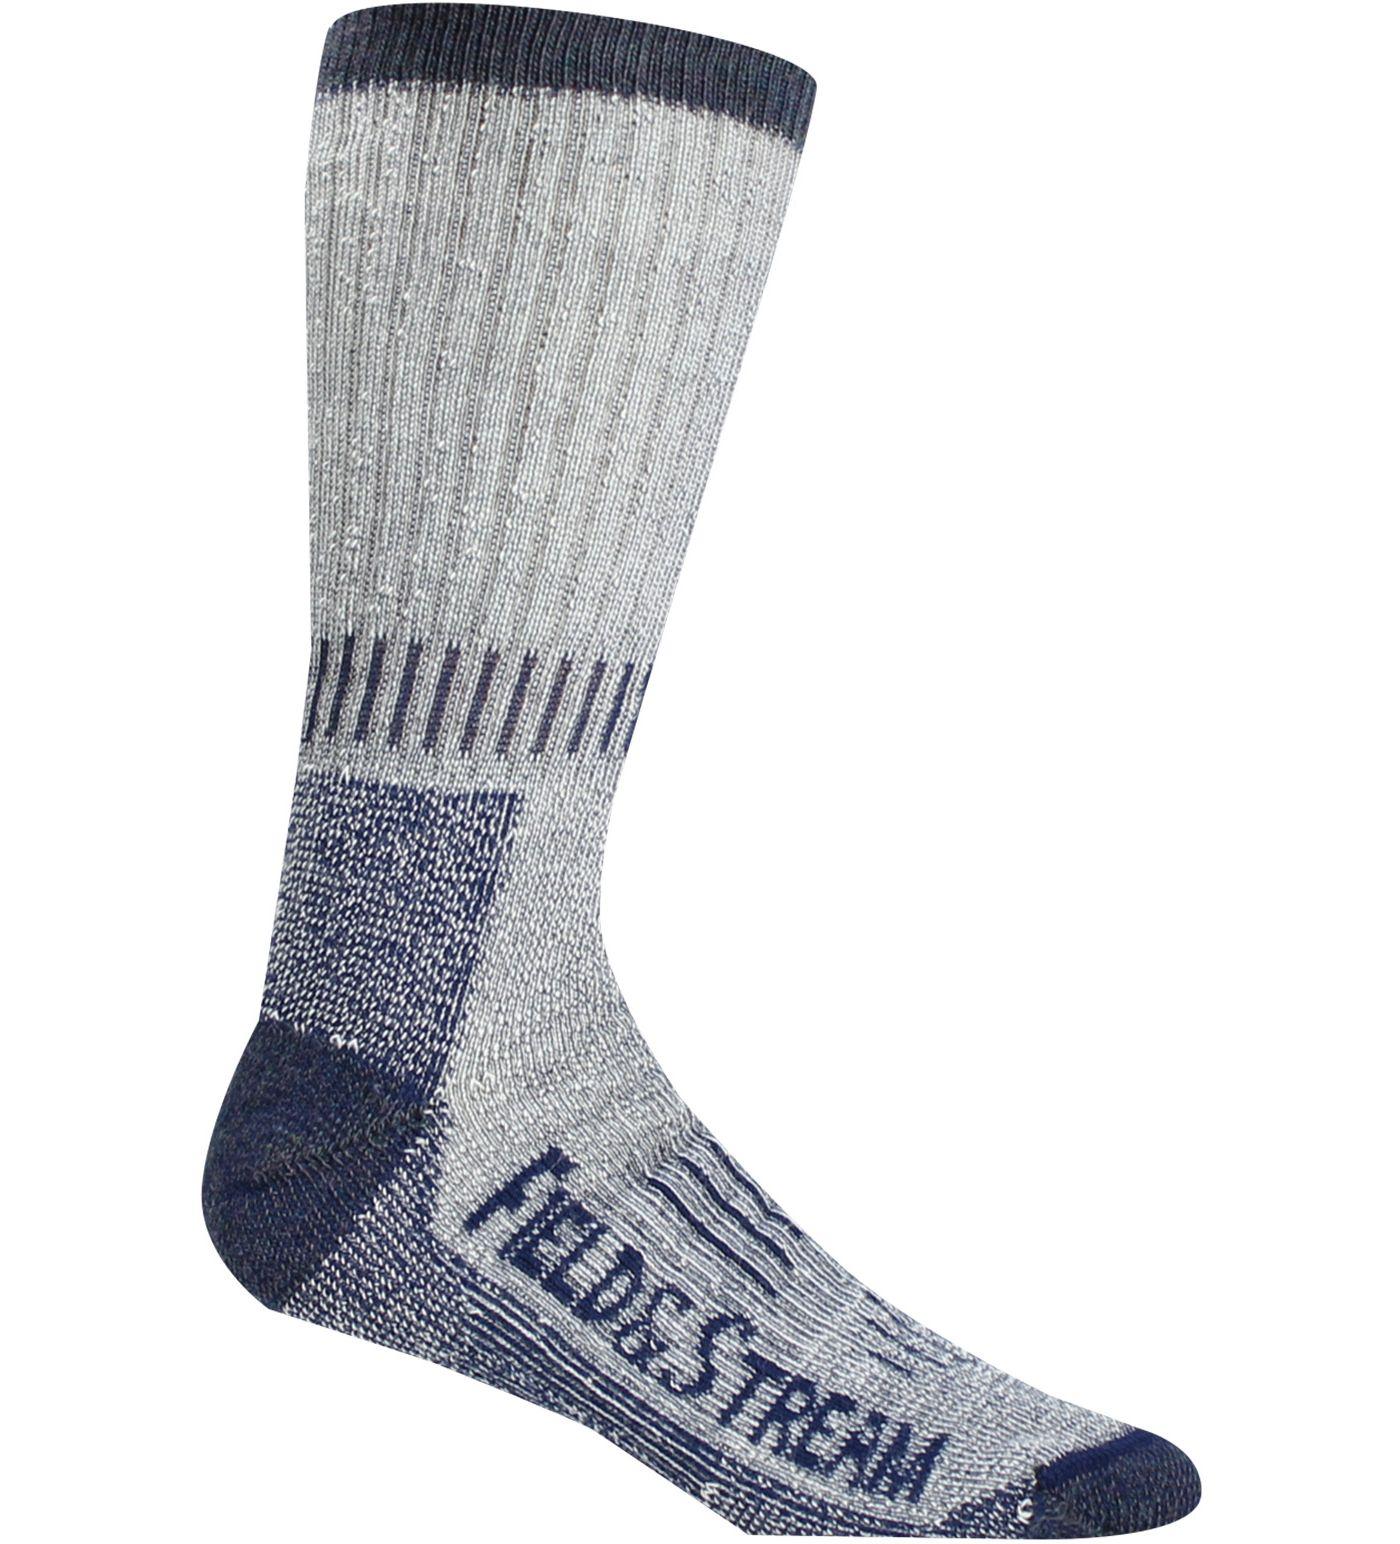 Field & Stream Heavyweight Woodsman Hiker Hiking Socks